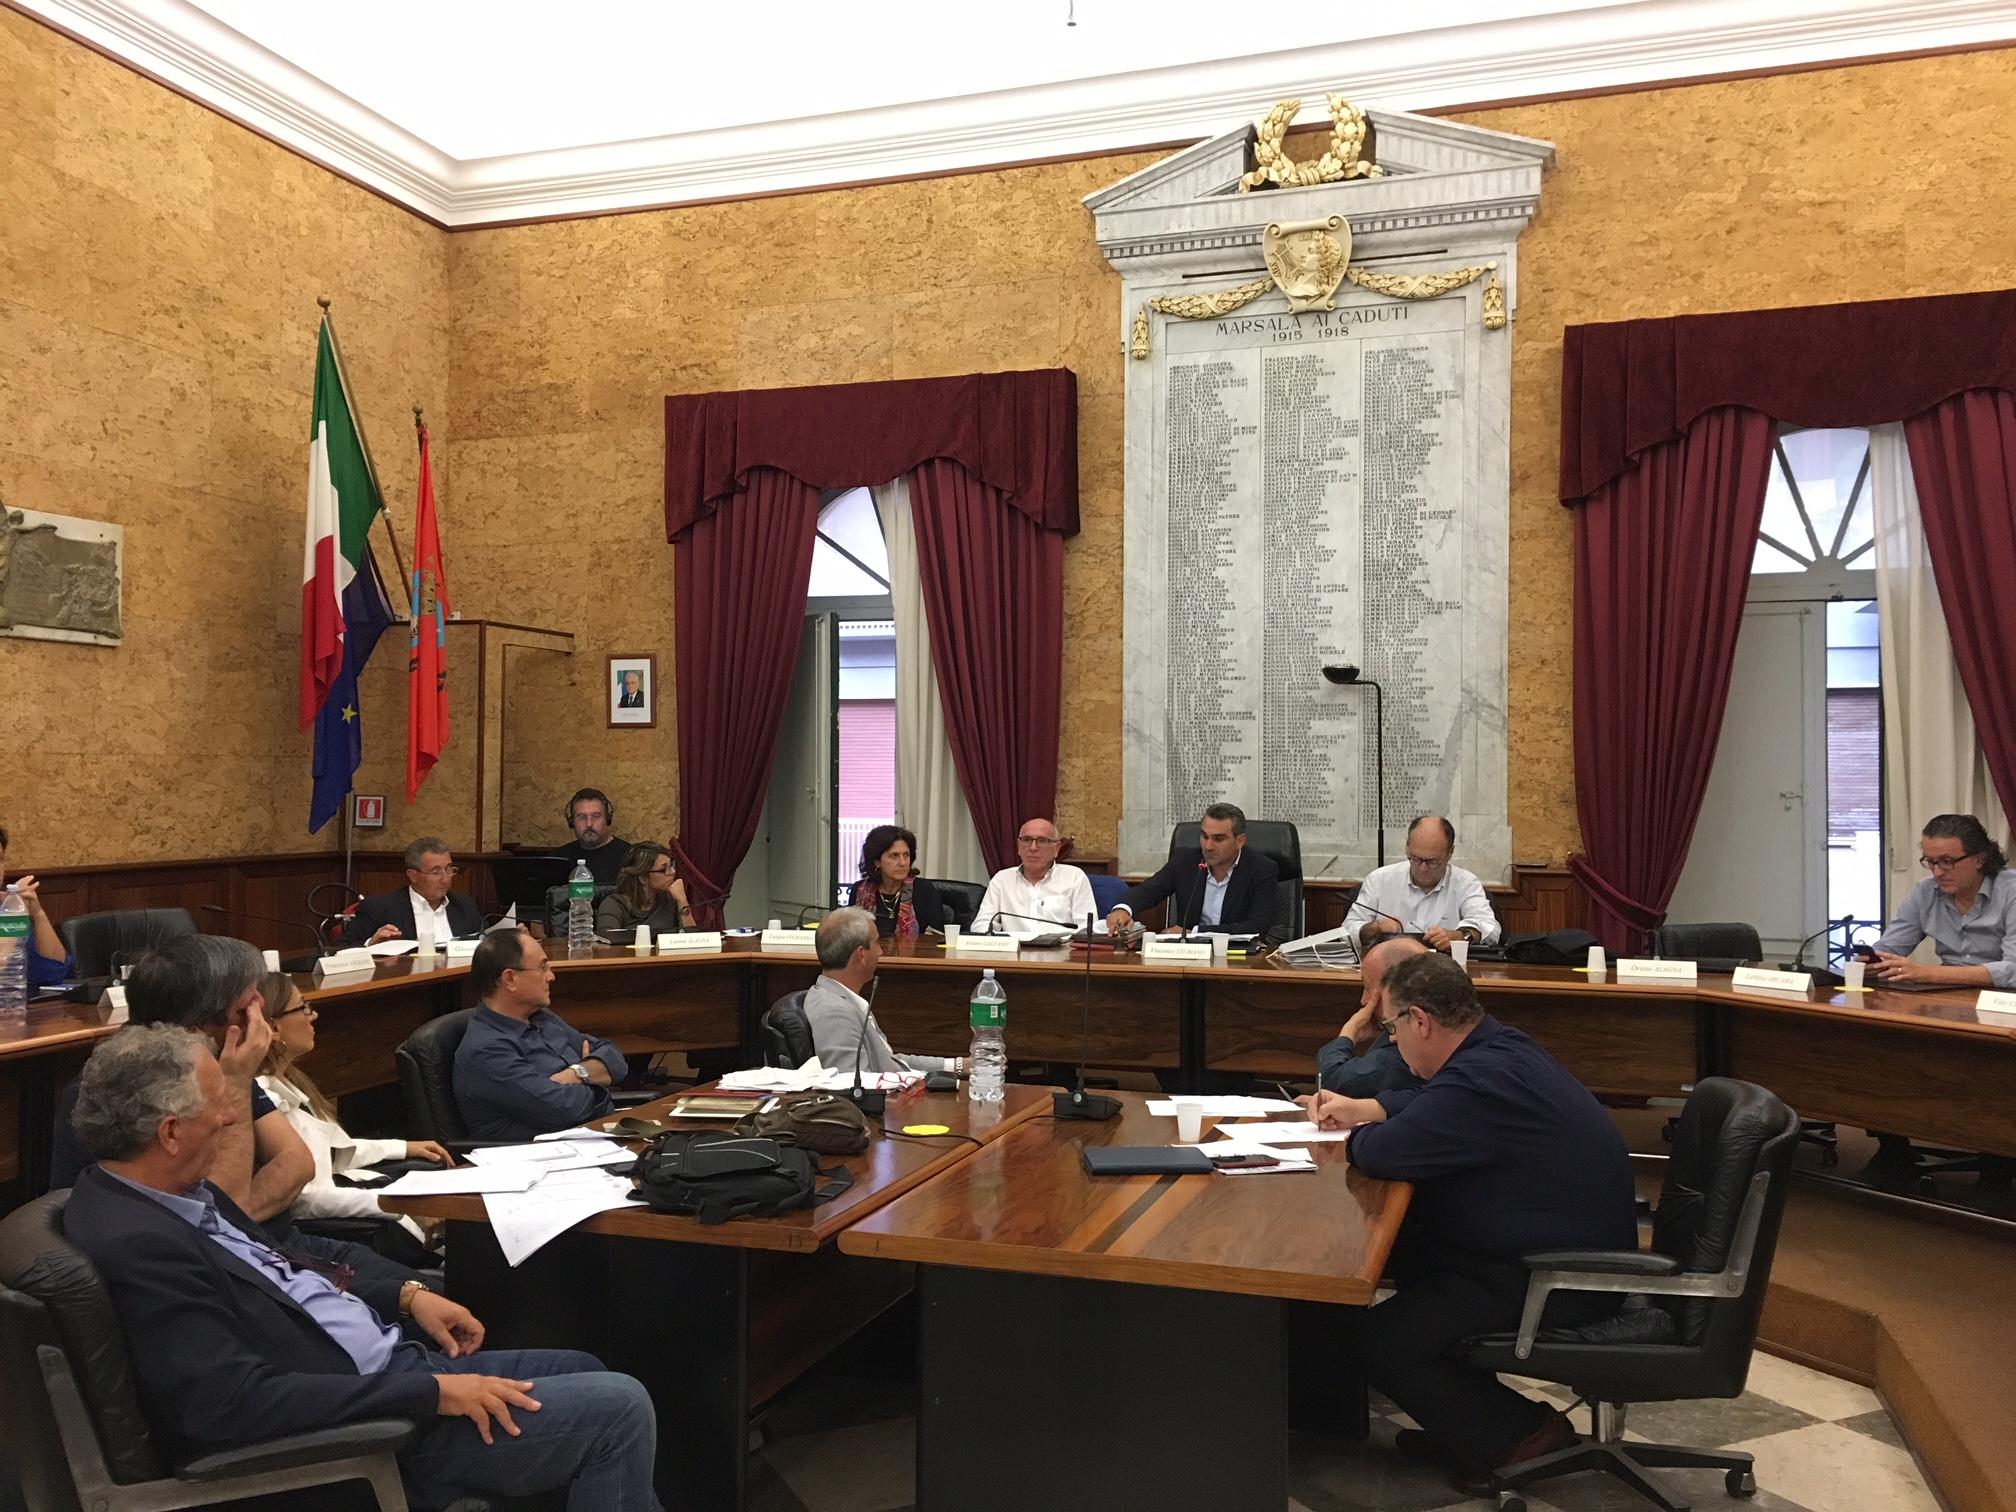 Consiglio comunale: oggi l'approvazione del Piano Triennale